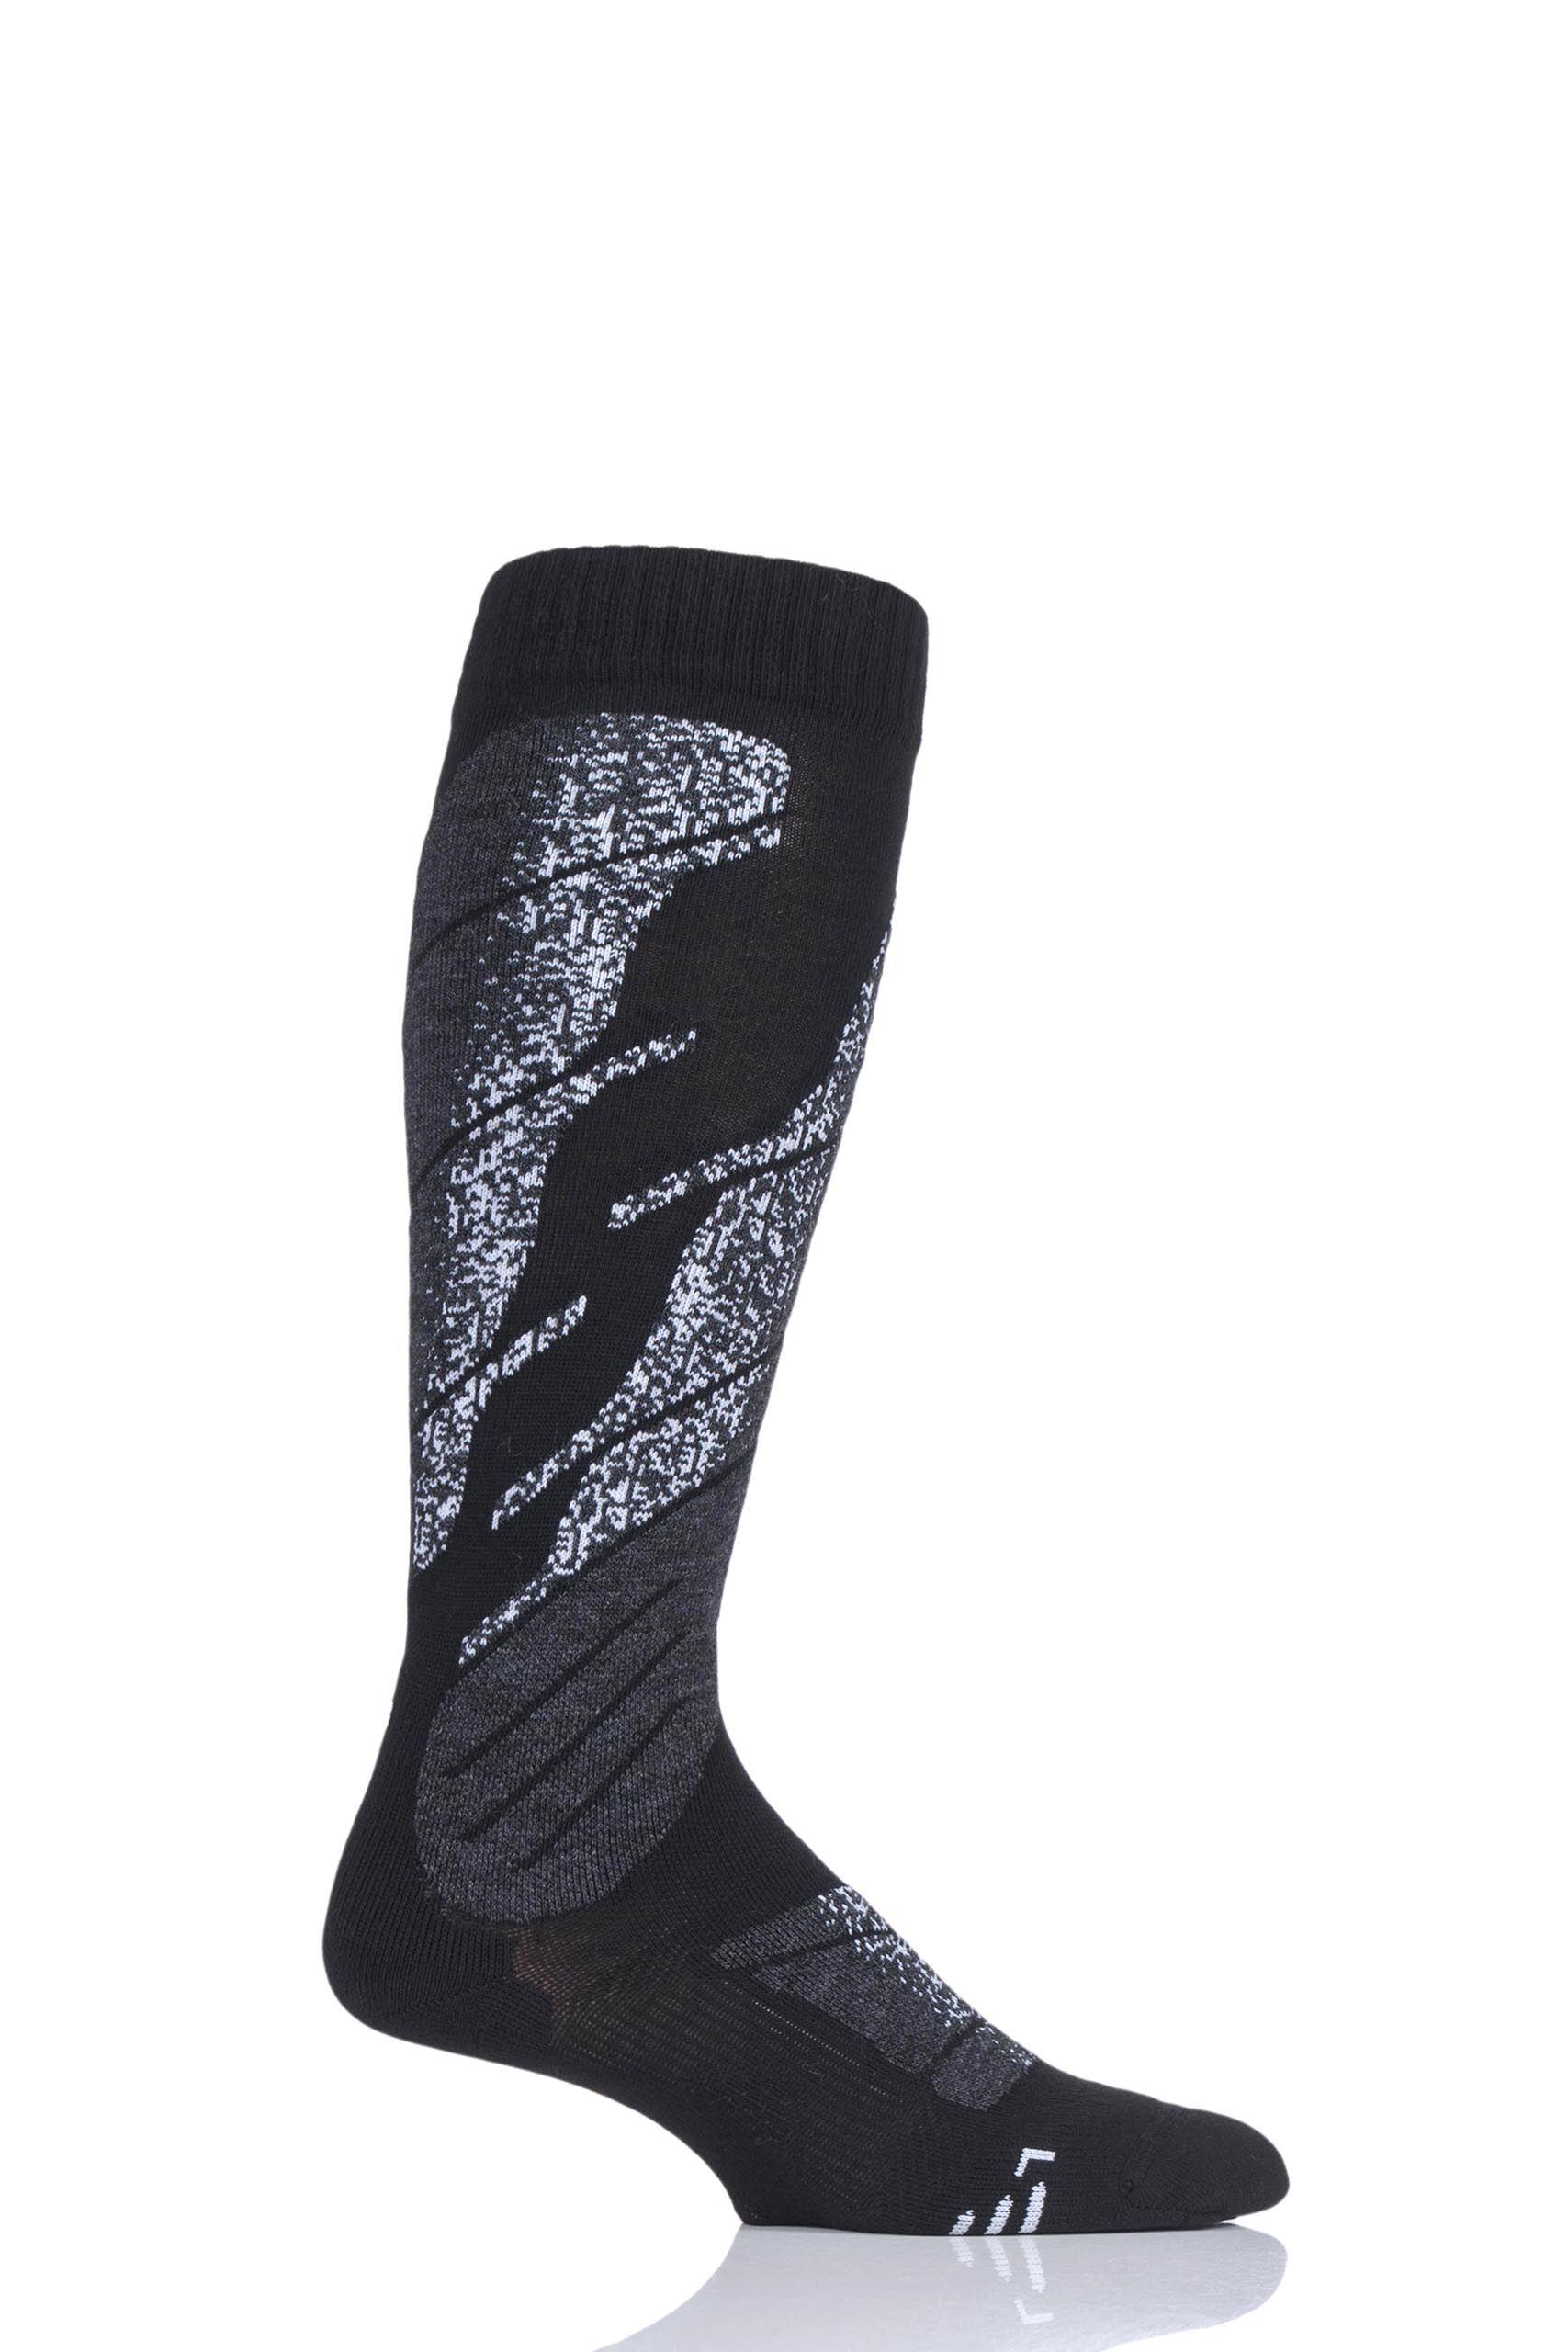 Image of 1 Pair Black All Mountain Ski Socks Men's 8-9.5 Mens - UYN